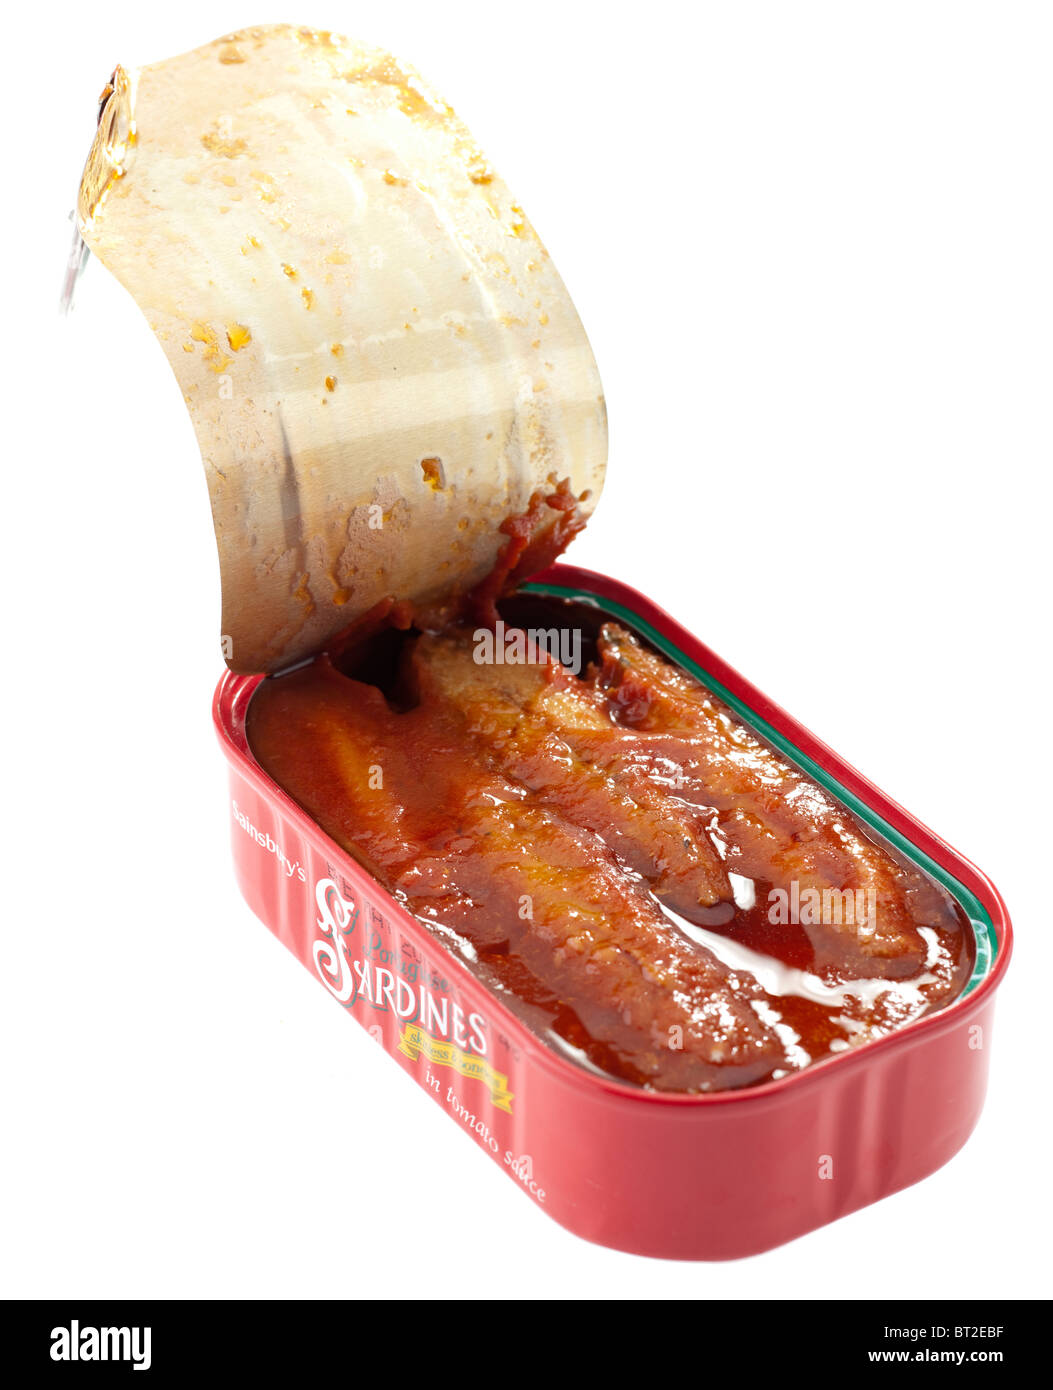 Anneau ouvert boîte de sardines portugaises Sainsbury's Photo Stock